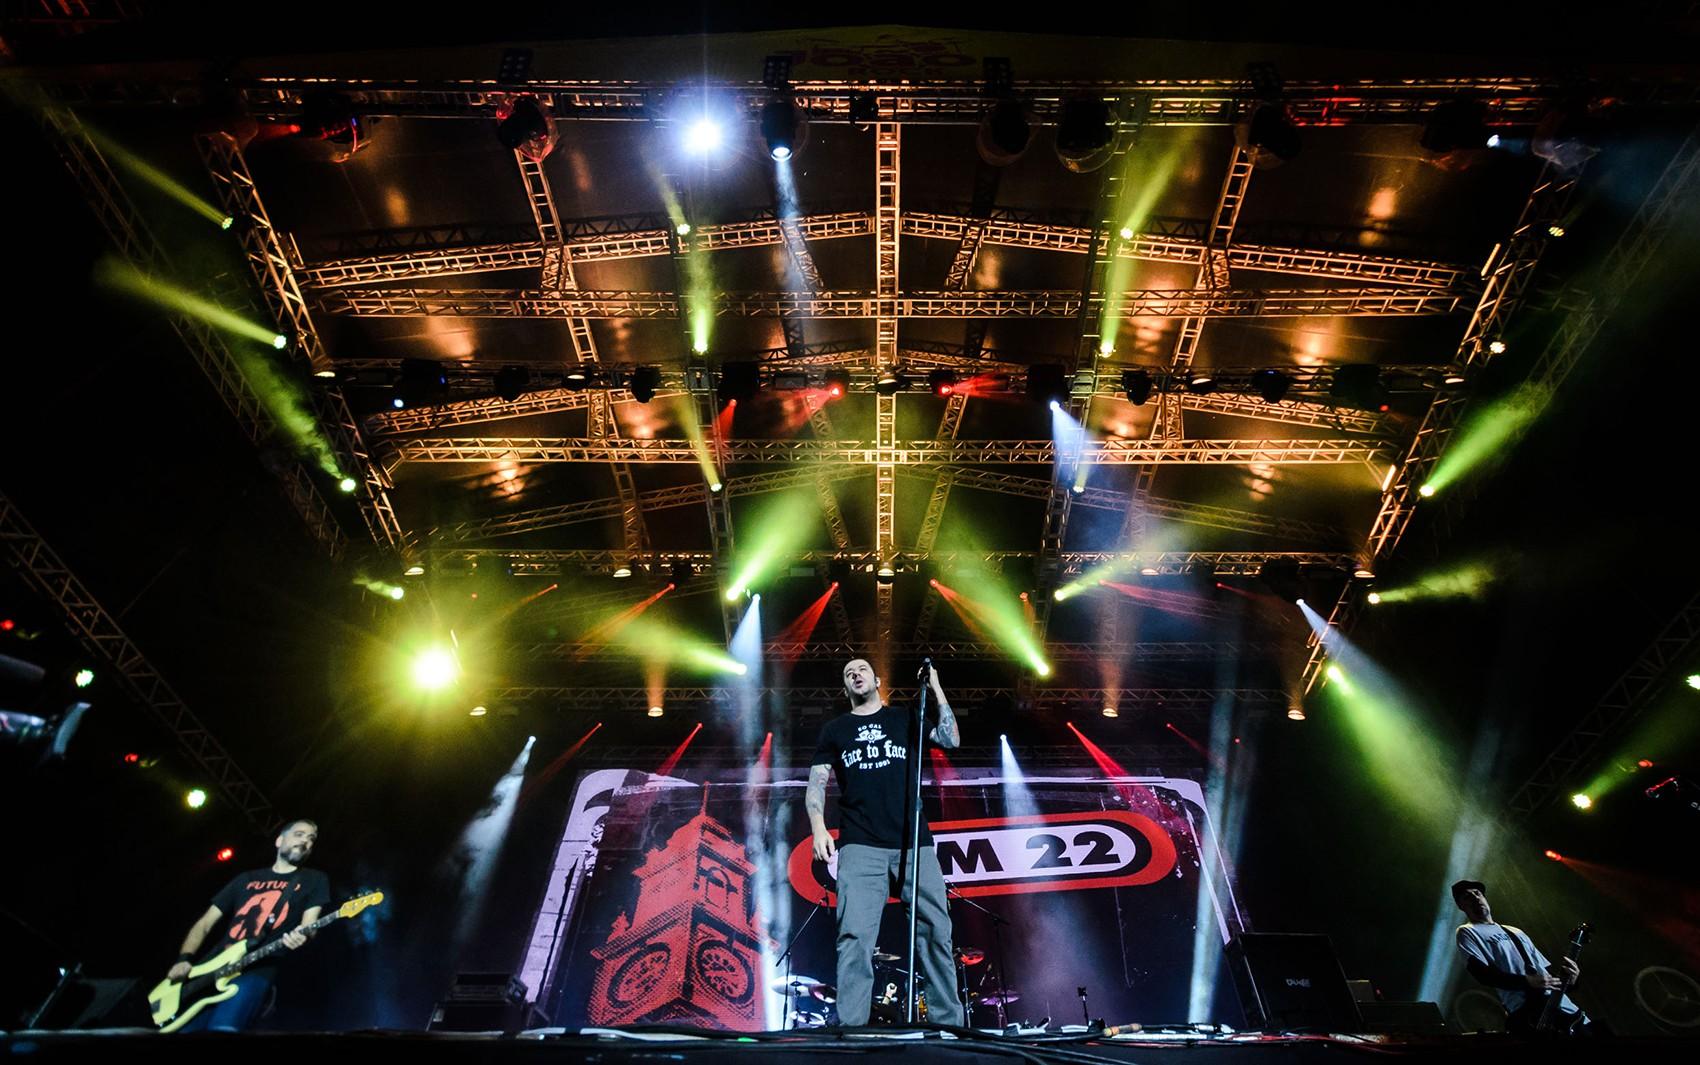 CPM 22 anuncia show em Sorocaba; ingressos já estão à venda